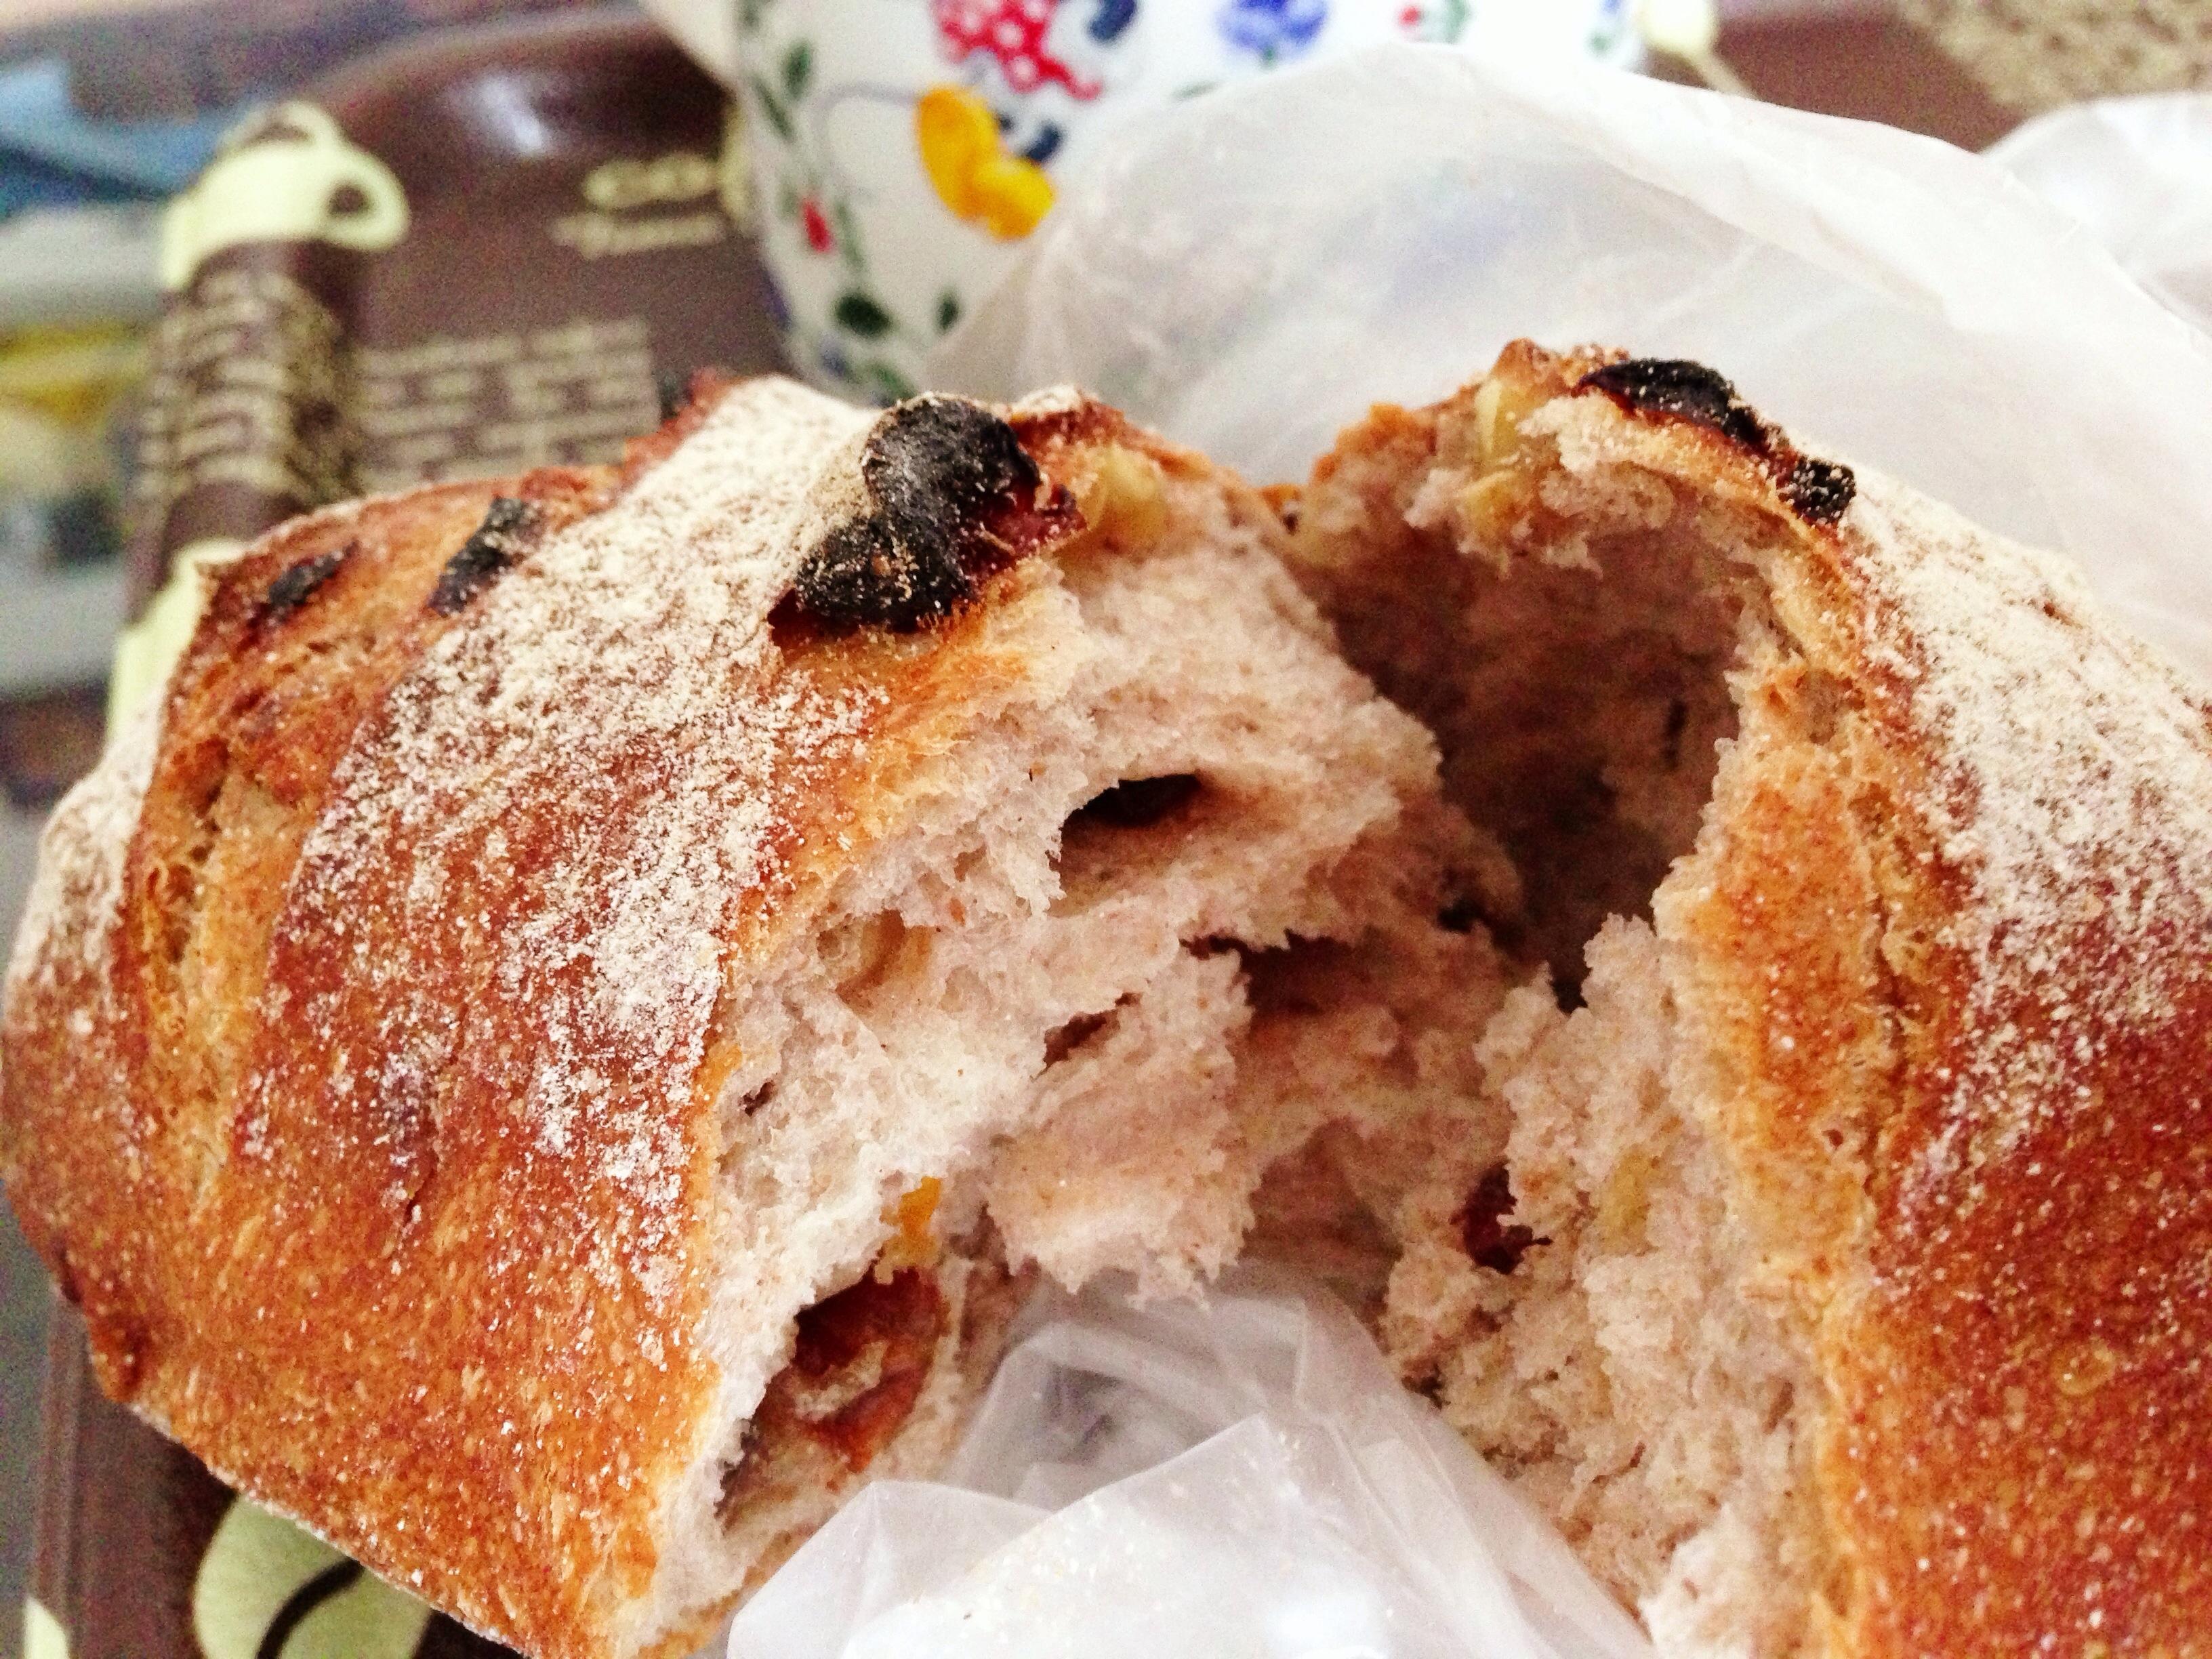 【食べた】フランスで修行したオーナーが焼くパン!本格的ながらも親しみやすい味「ル・パン・マーサ」